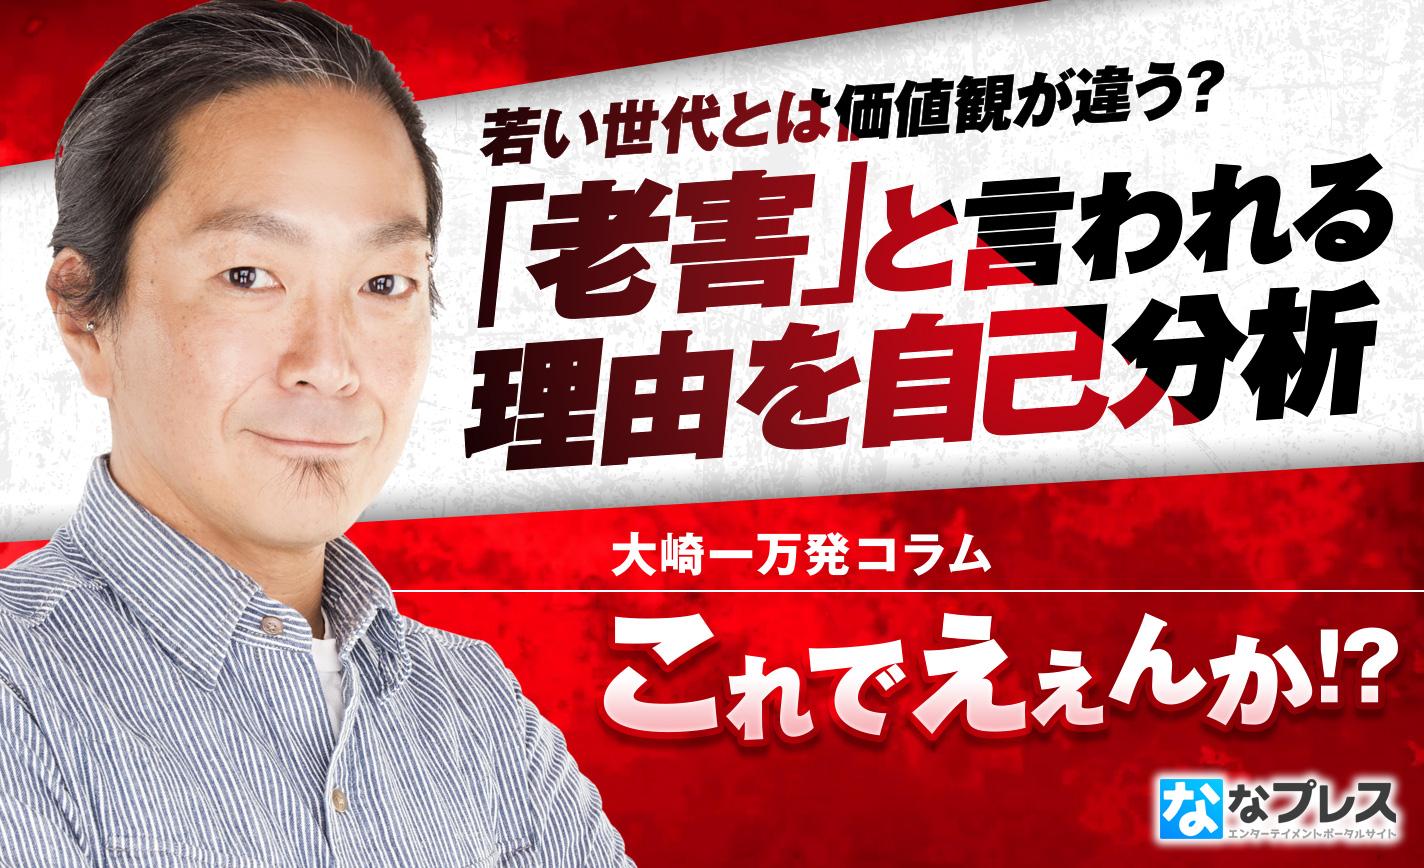 業界歴29年の大崎一万発が「老害」と呼ばれても若い世代に伝えたい価値観とは!? eyecatch-image